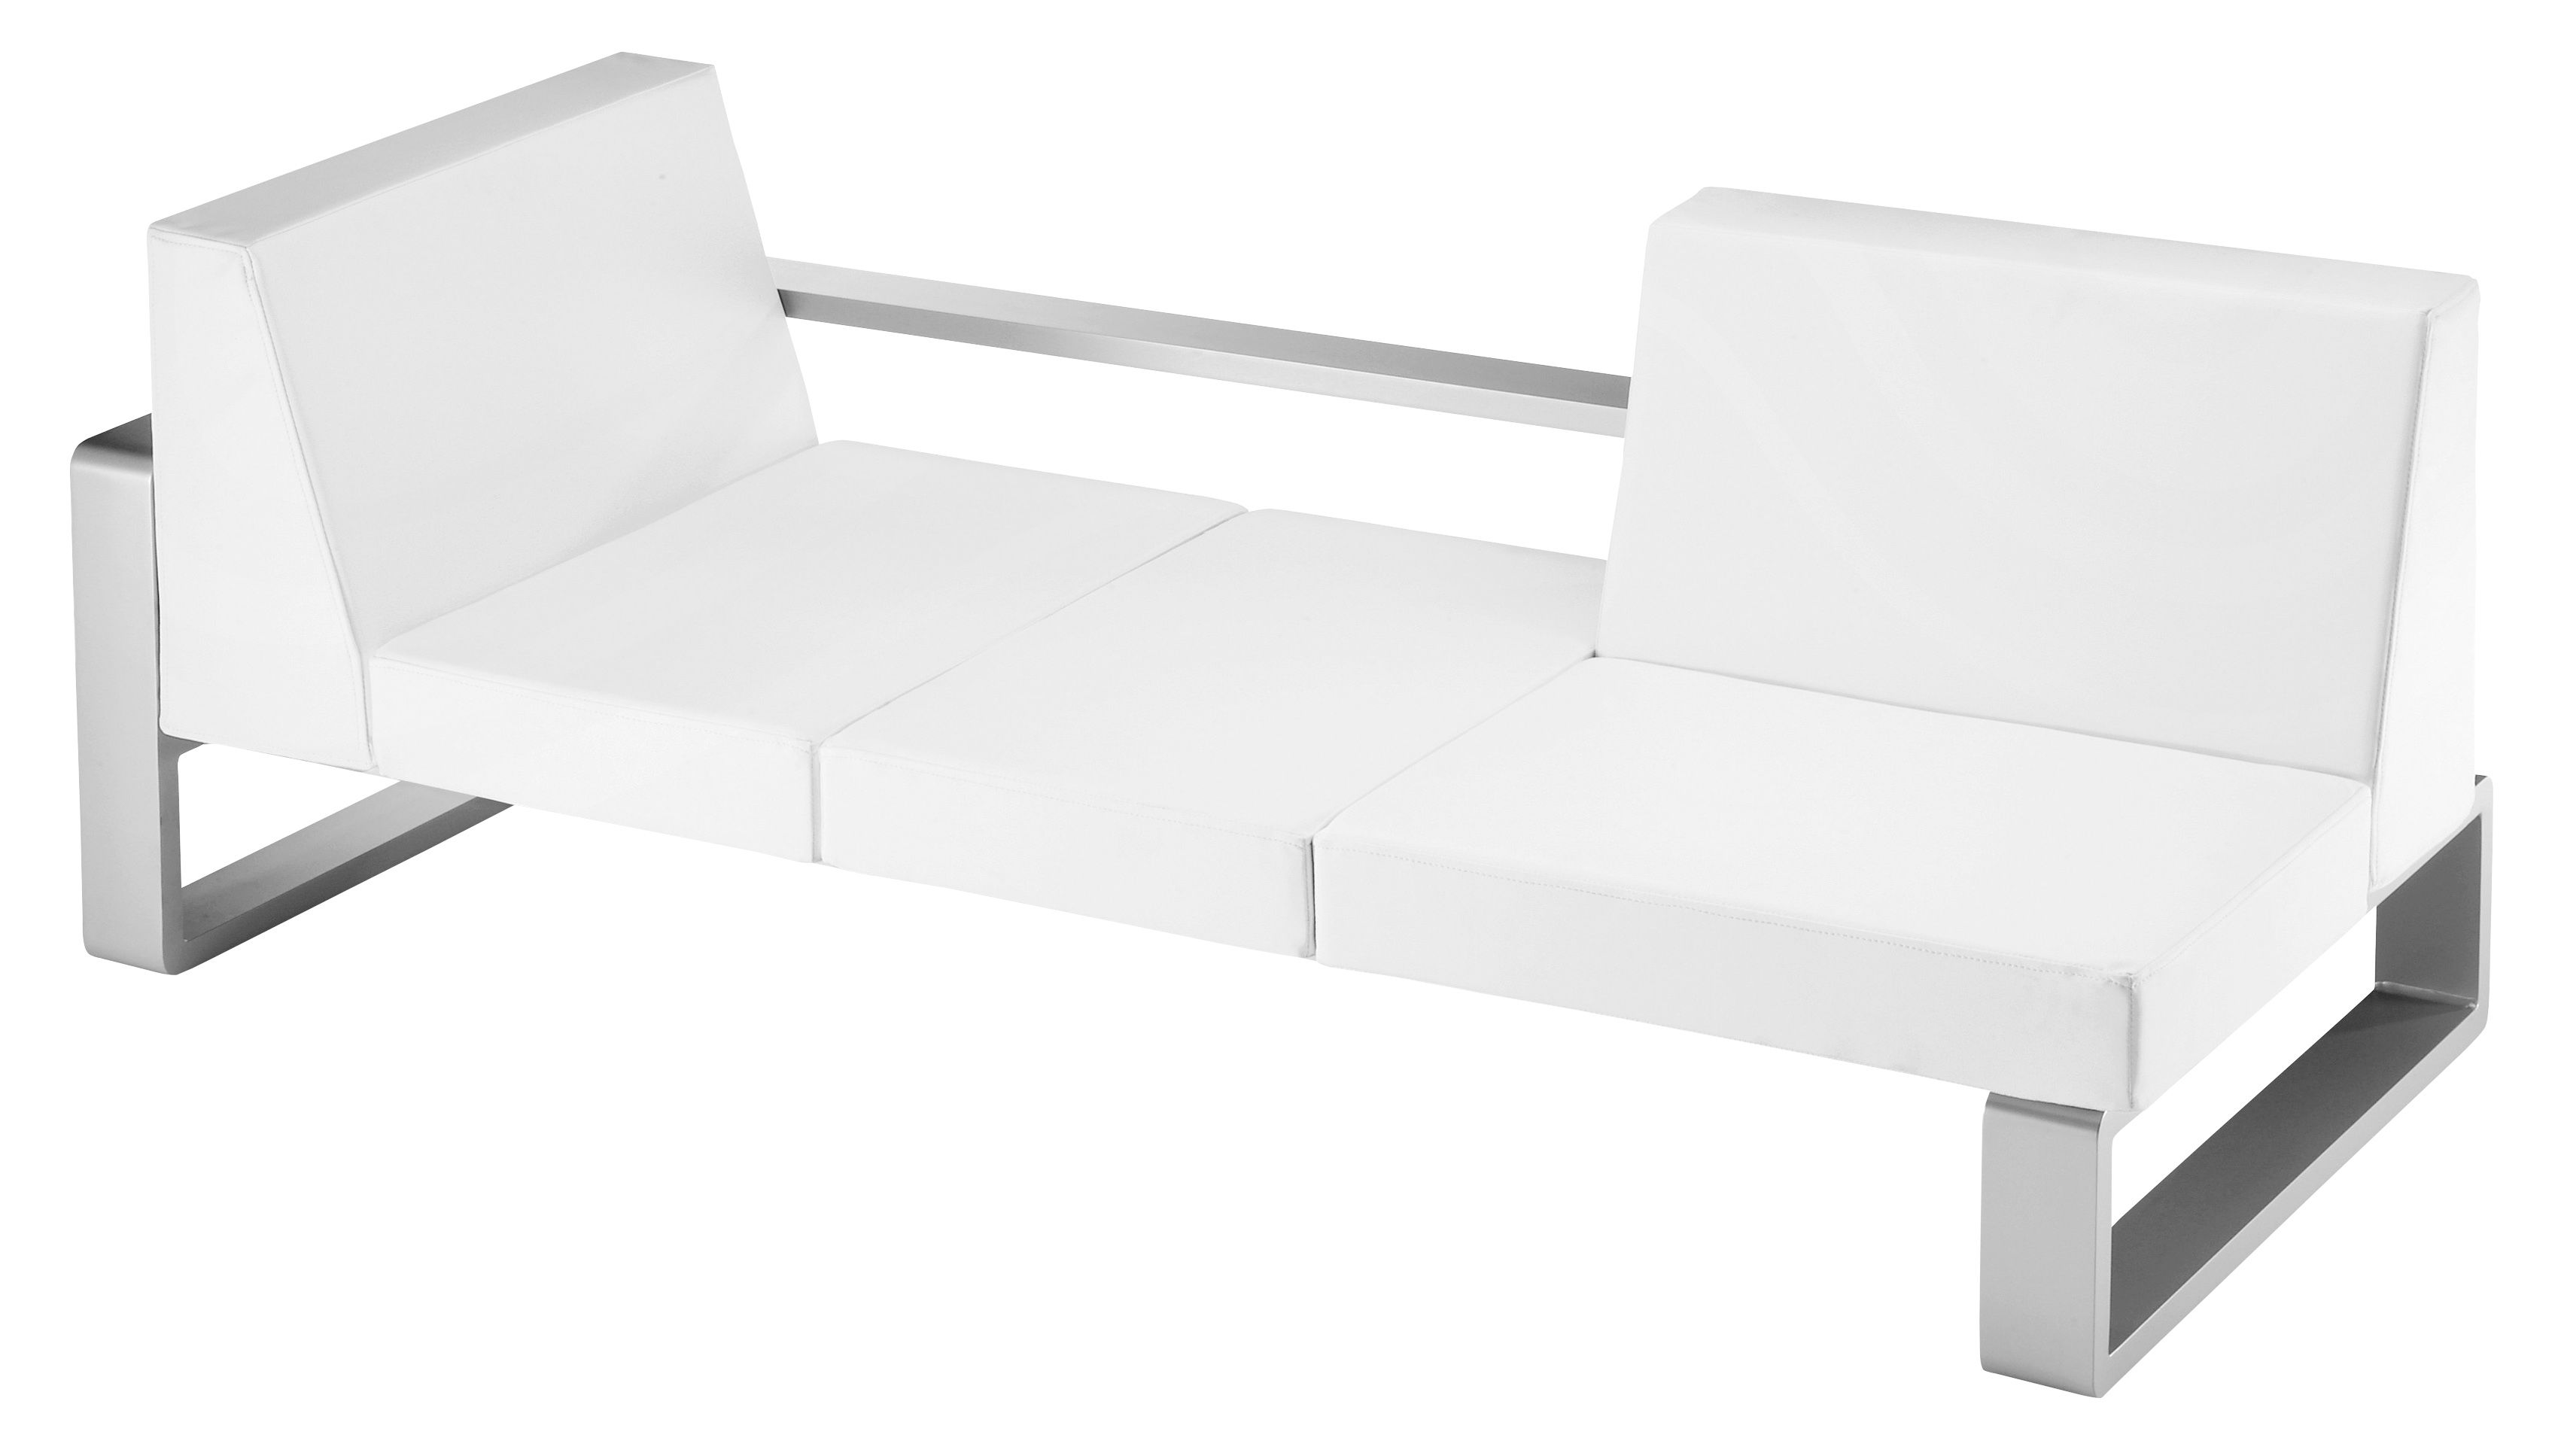 Mobilier - Canapés - Canapé 3 places ou + Kama / Modulable - L 218 cm - EGO Paris - Vinyl blanc / Structure argent - Aluminium laqué, Vinyle